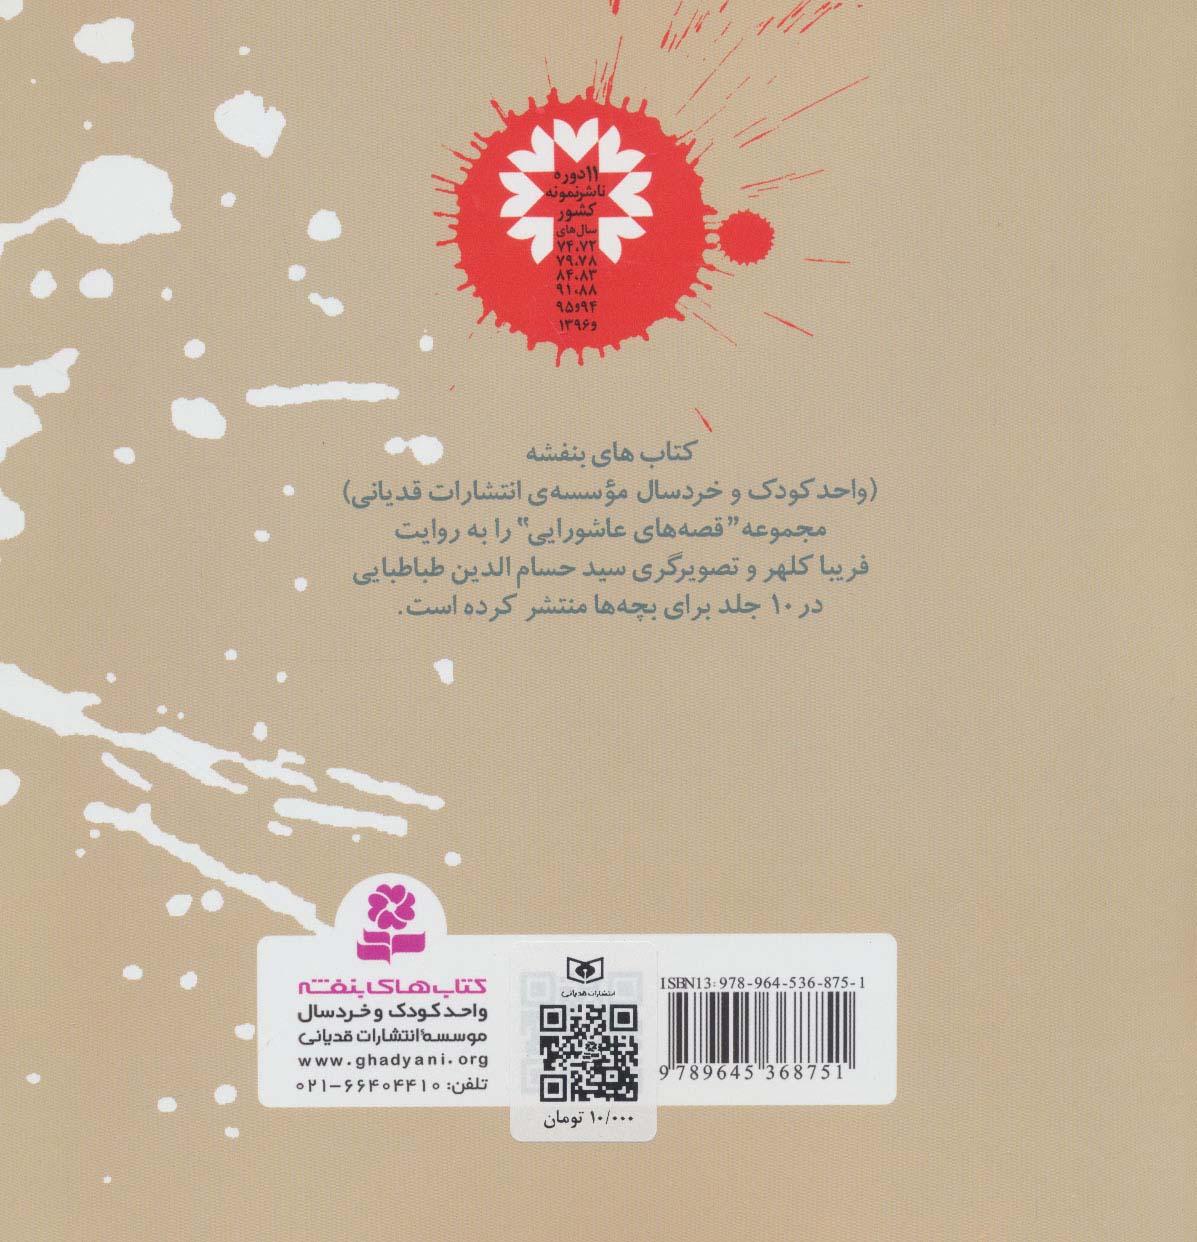 قصه های عاشورایی 6 (قنداق سرخ،امام حسین(ع) و علی اصغر)